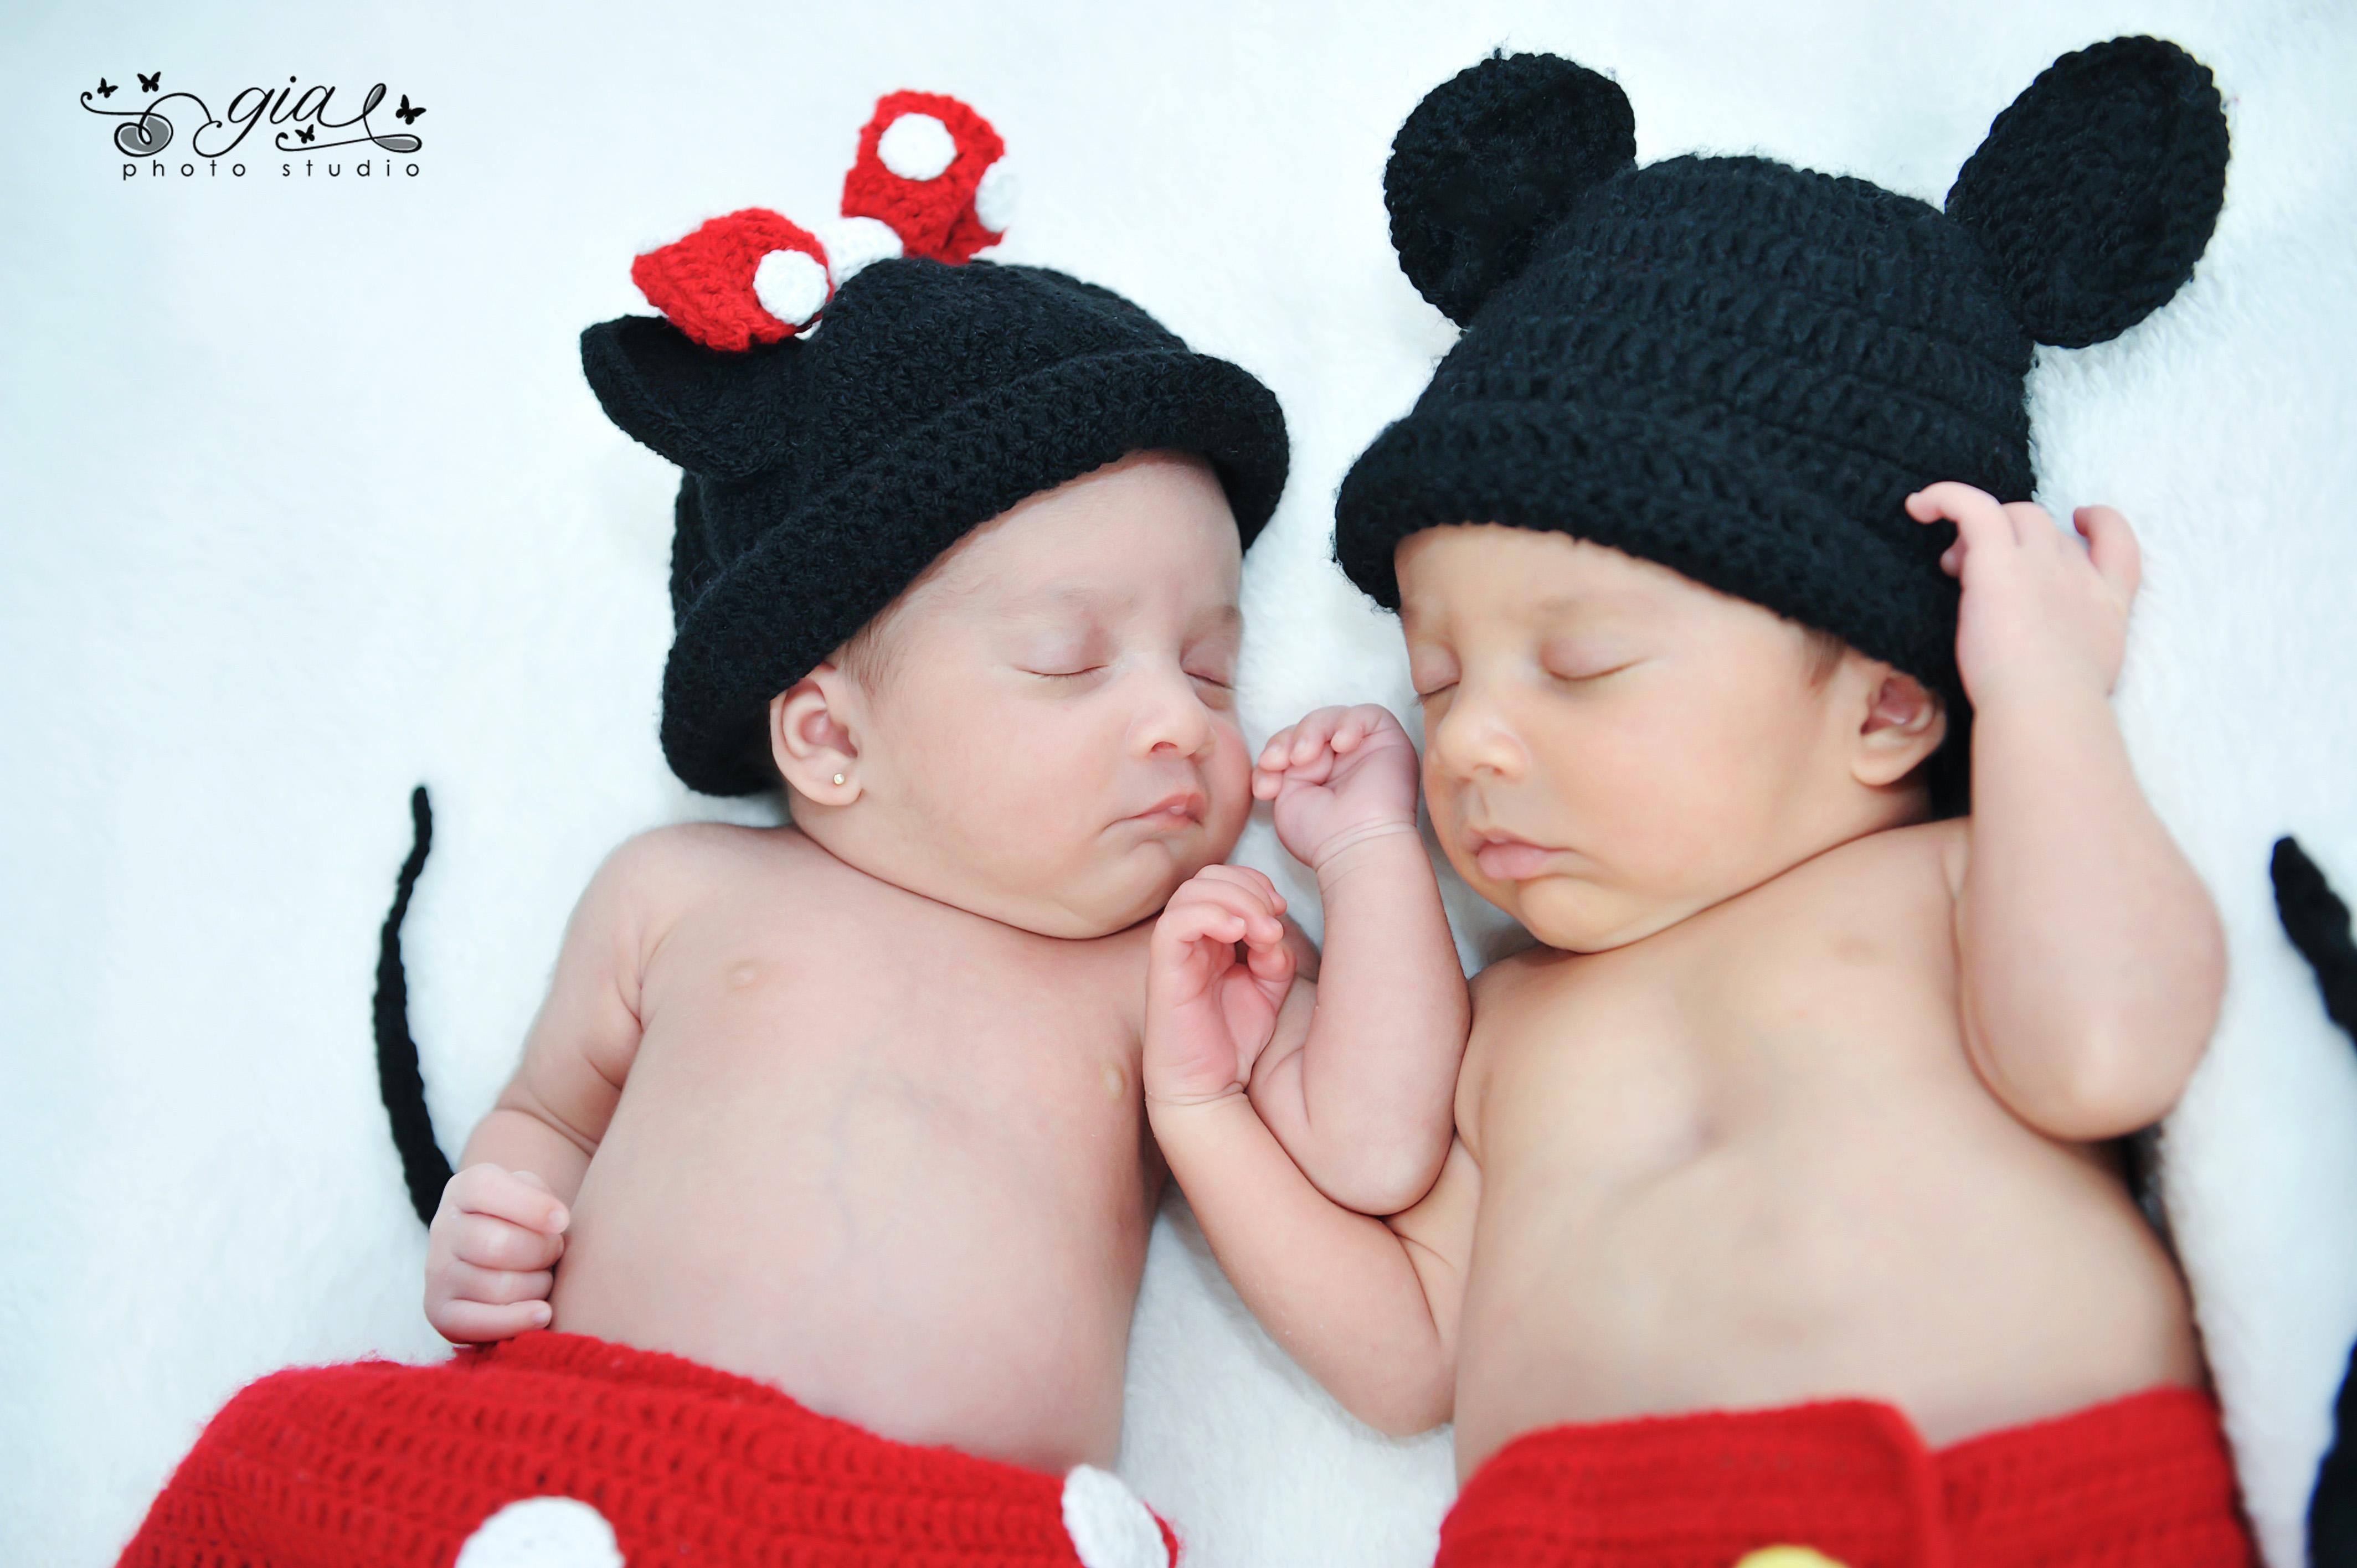 Poze bebelusi nou nascuti 10